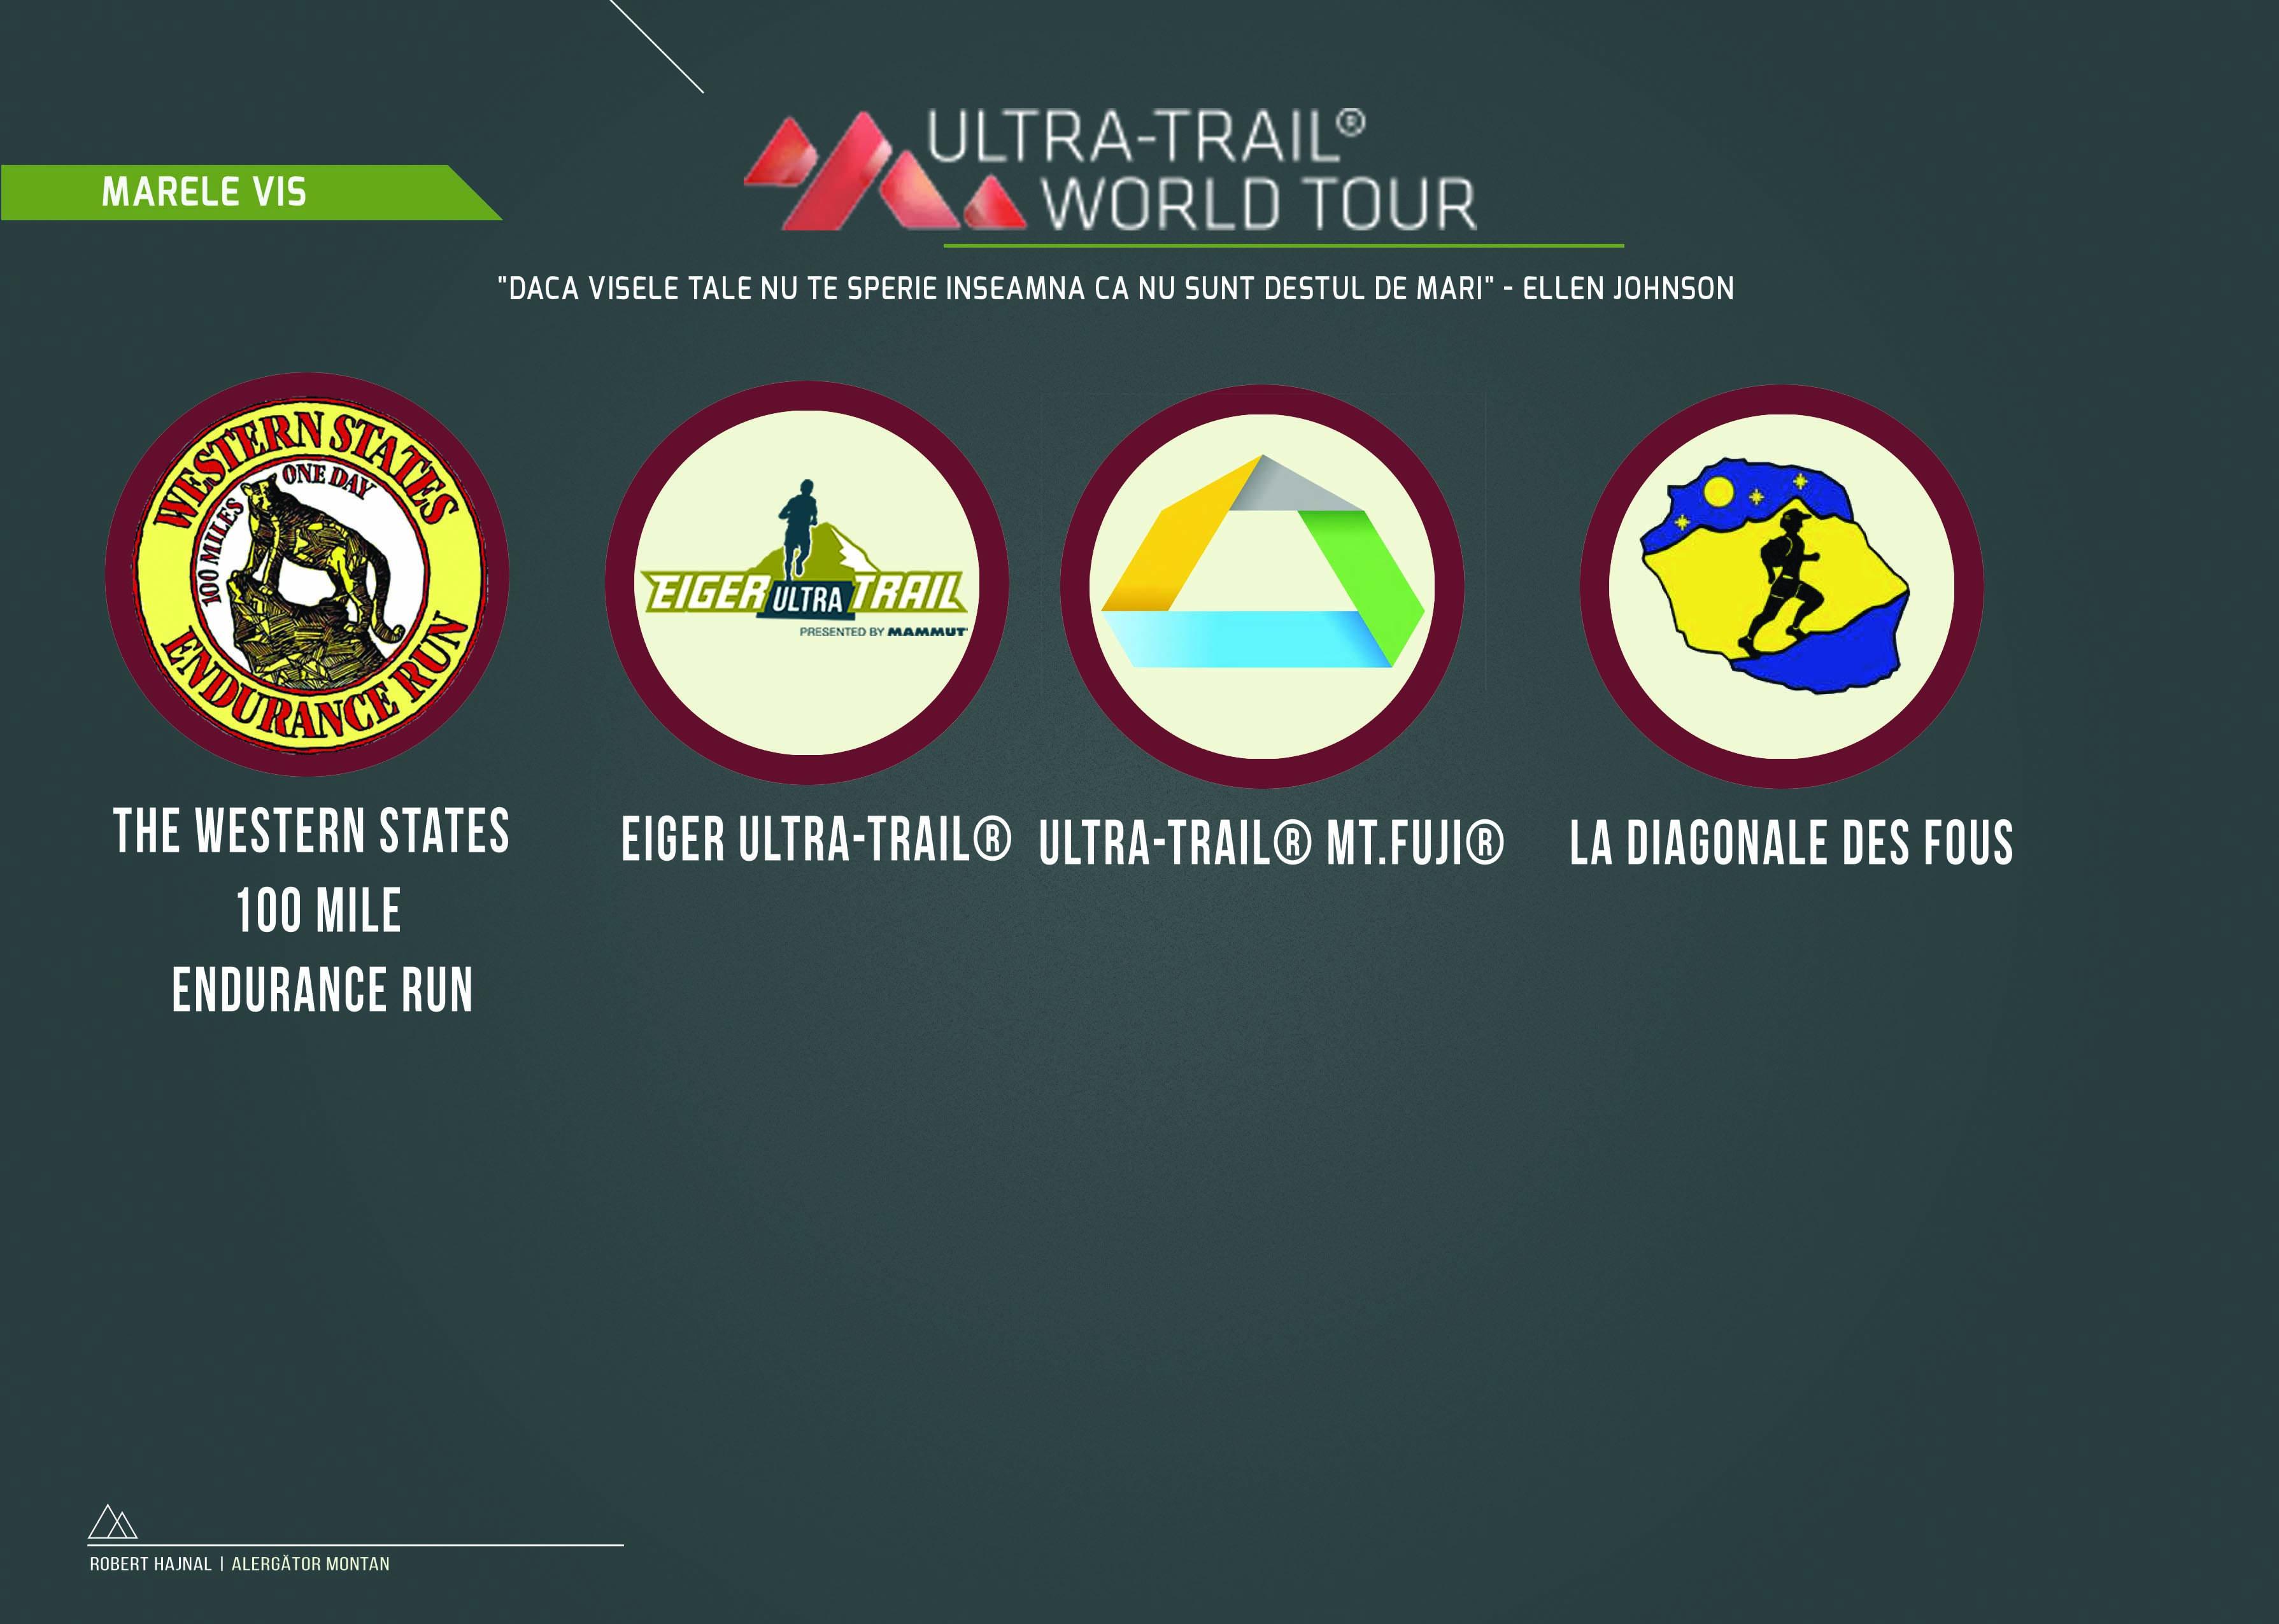 HajnalRobert_UltraTrailWorldTour1